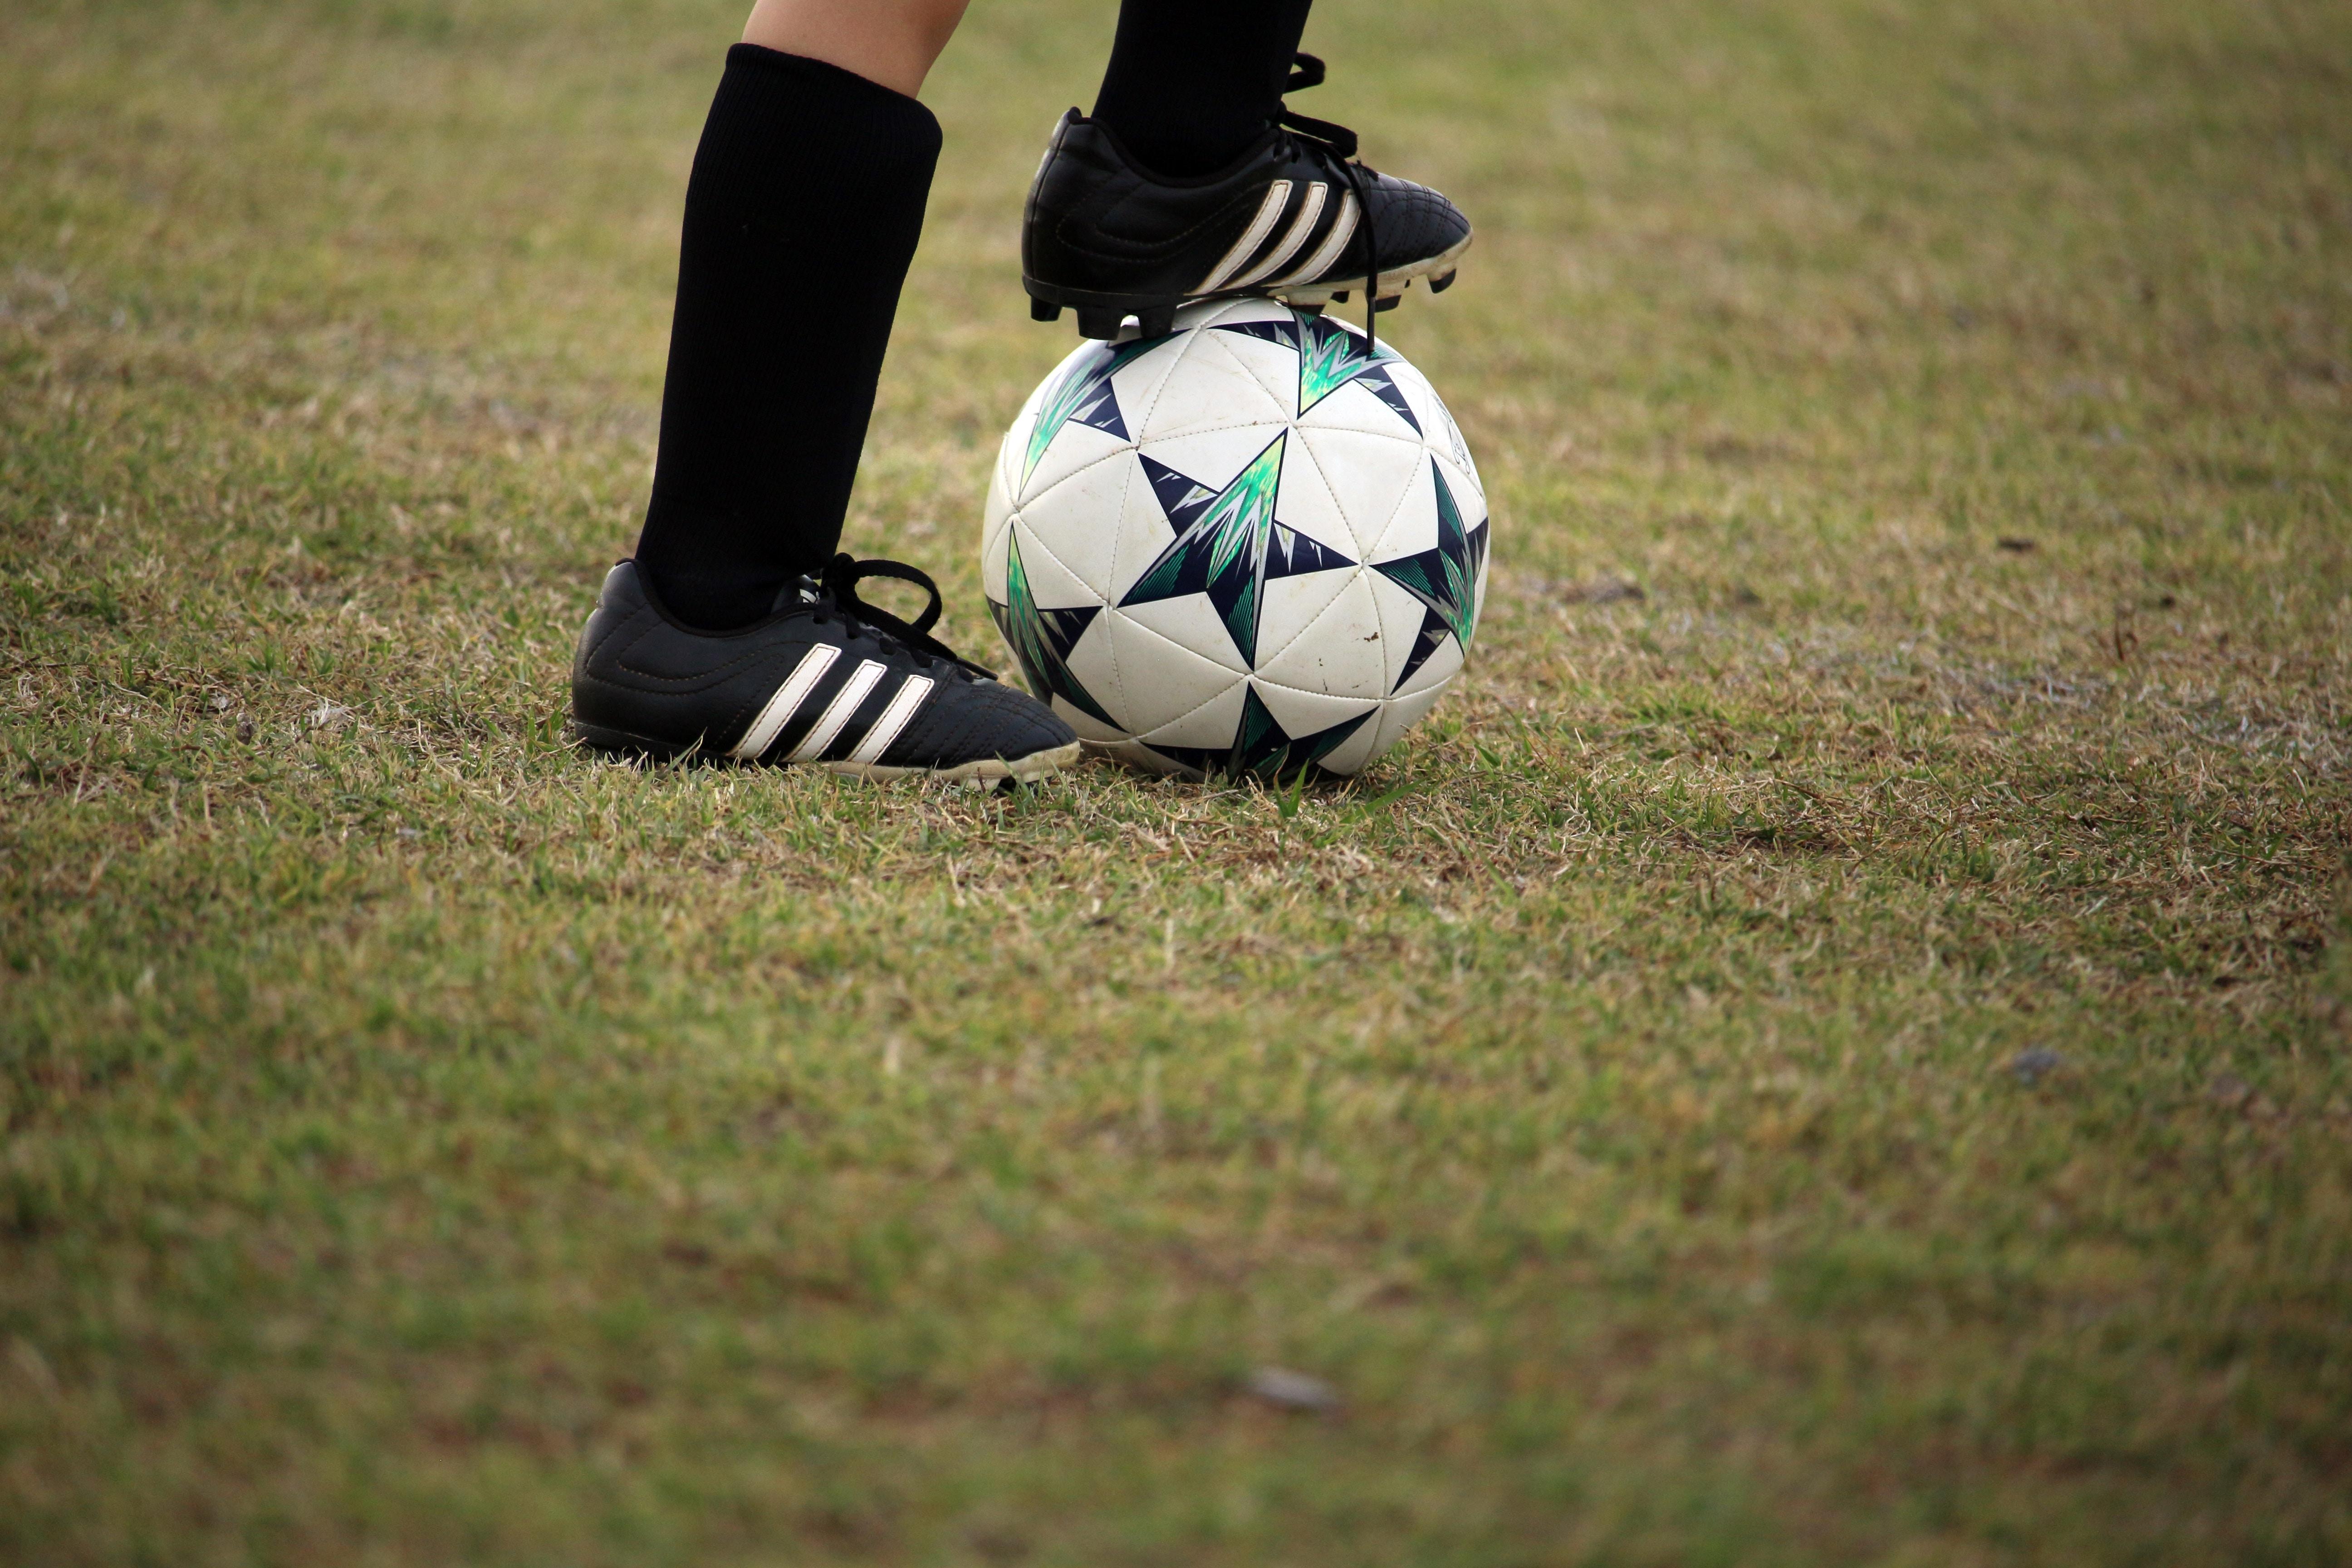 Non sbagliare la prima palla: dallo sport arriva la regola d'oro per chi cambia lavoro